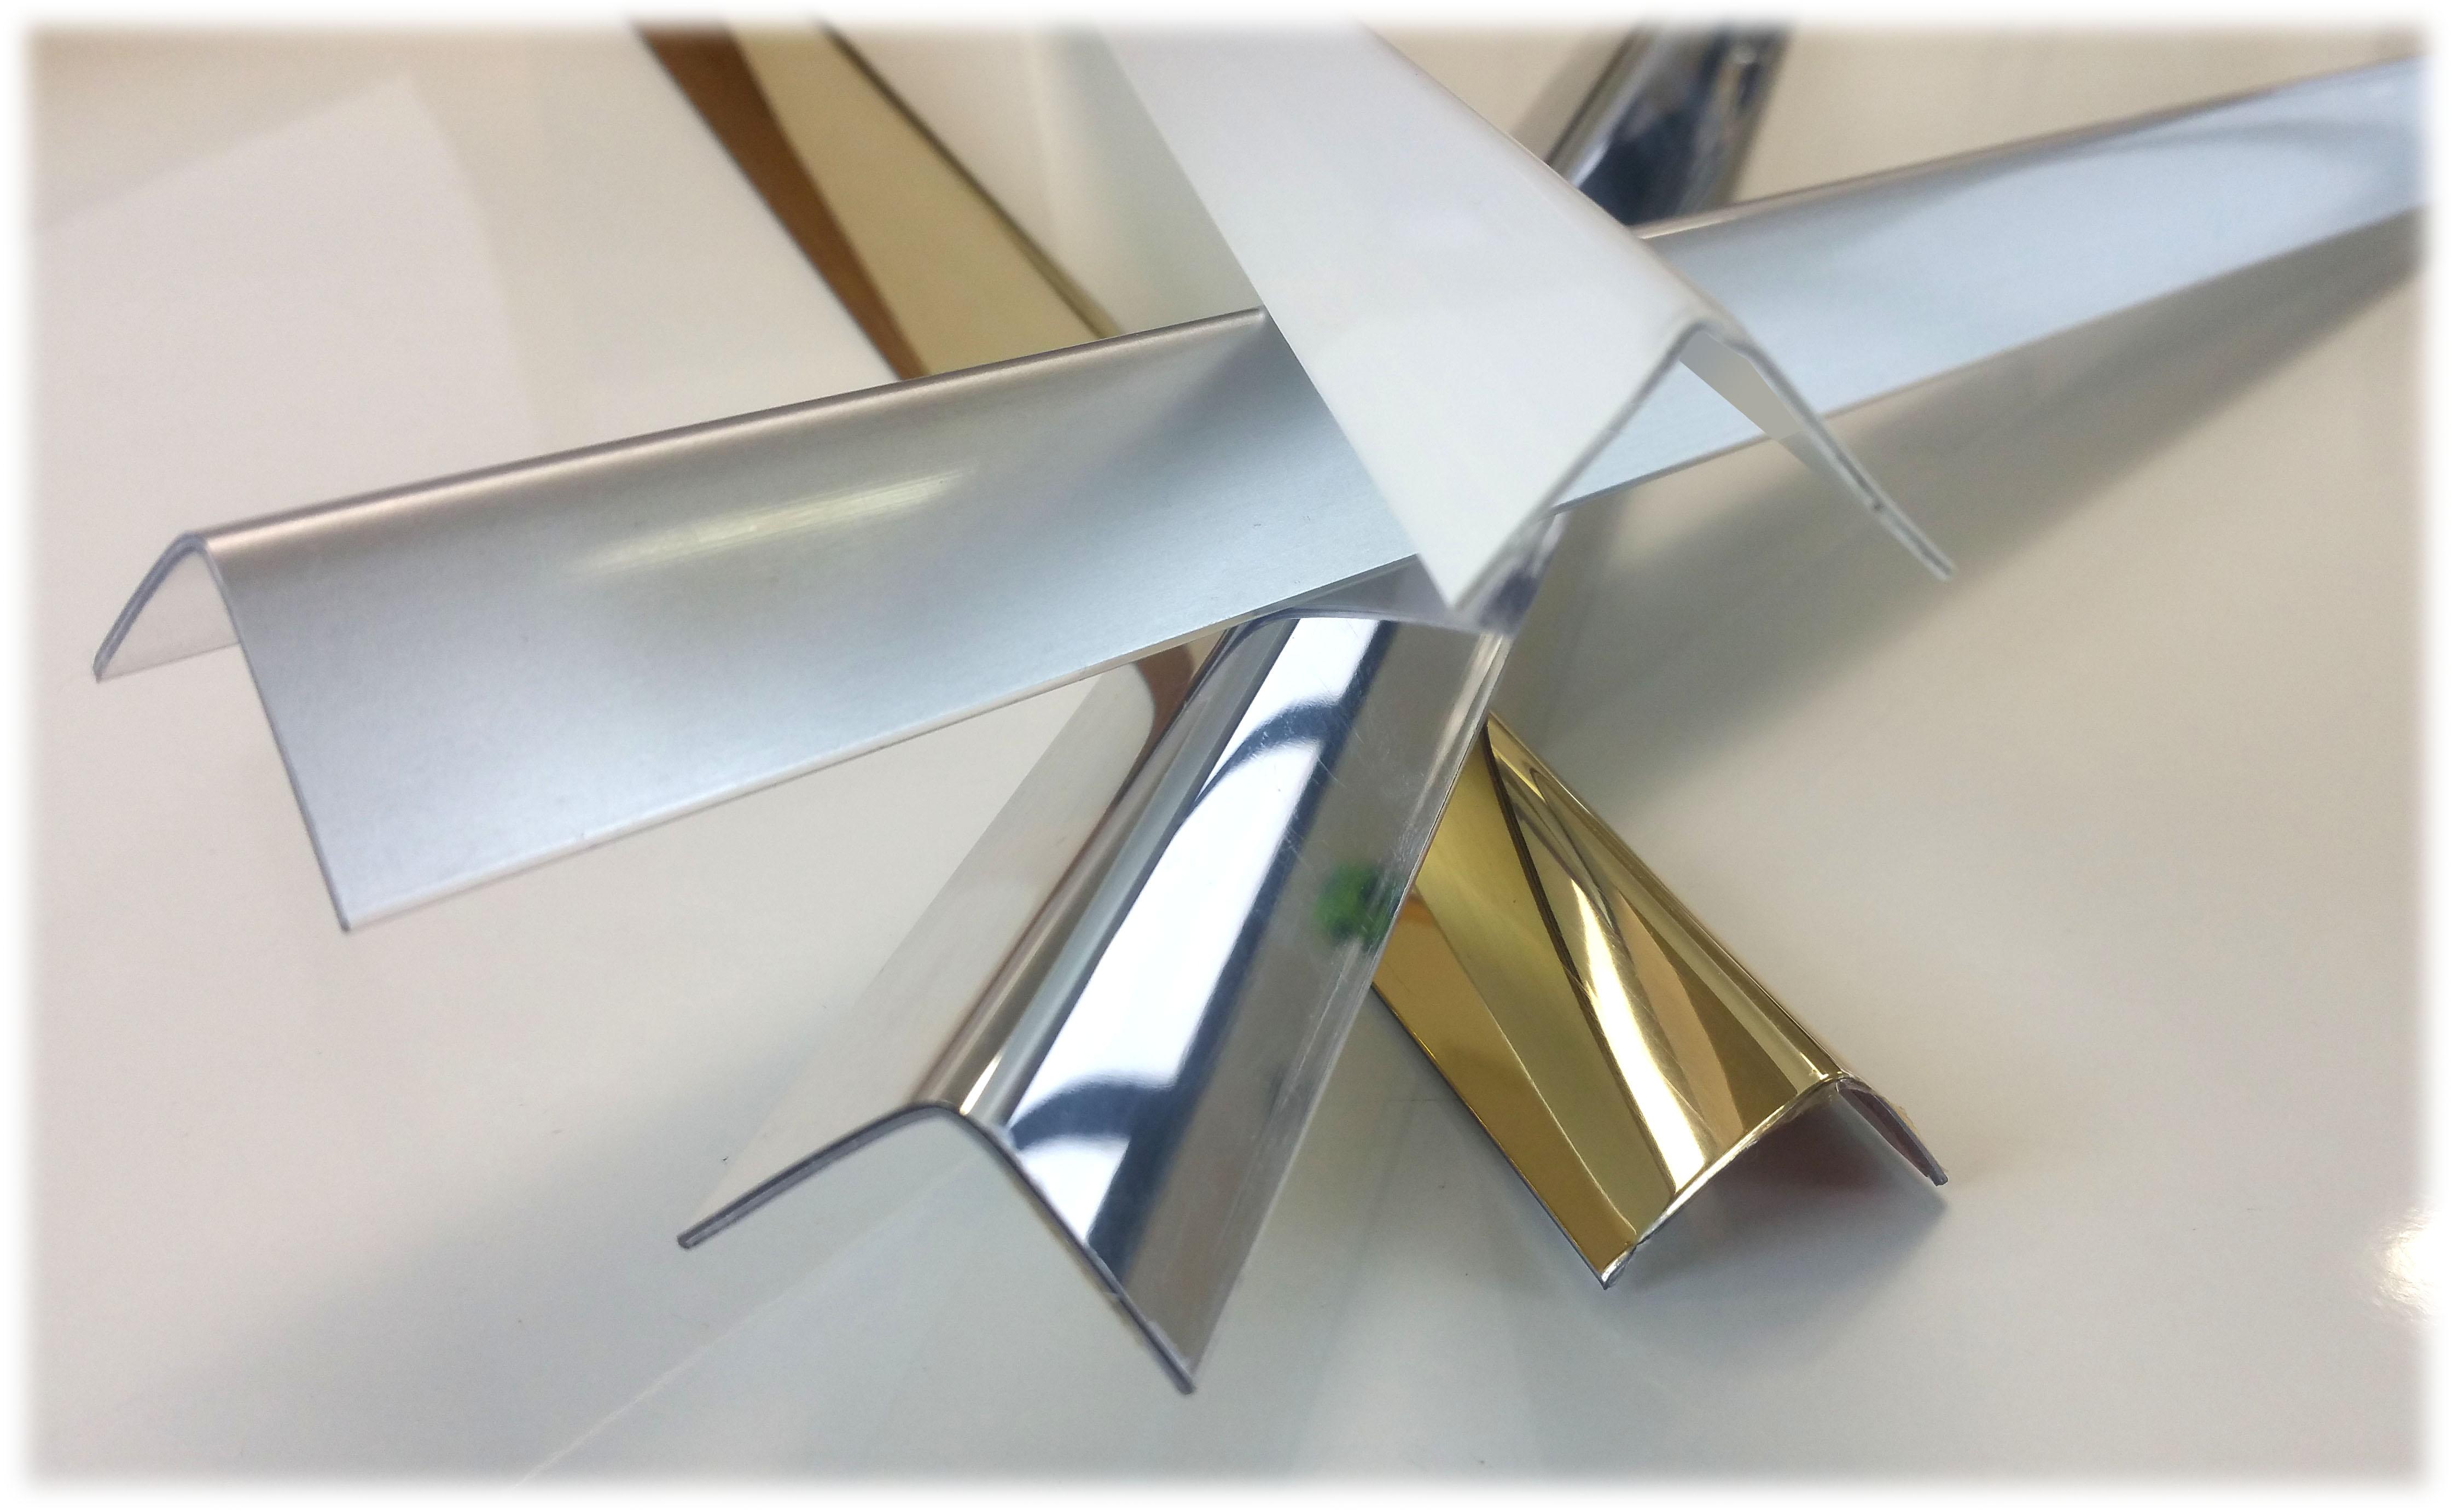 Profili Angolari Paraspigoli in alluminio PVC legno